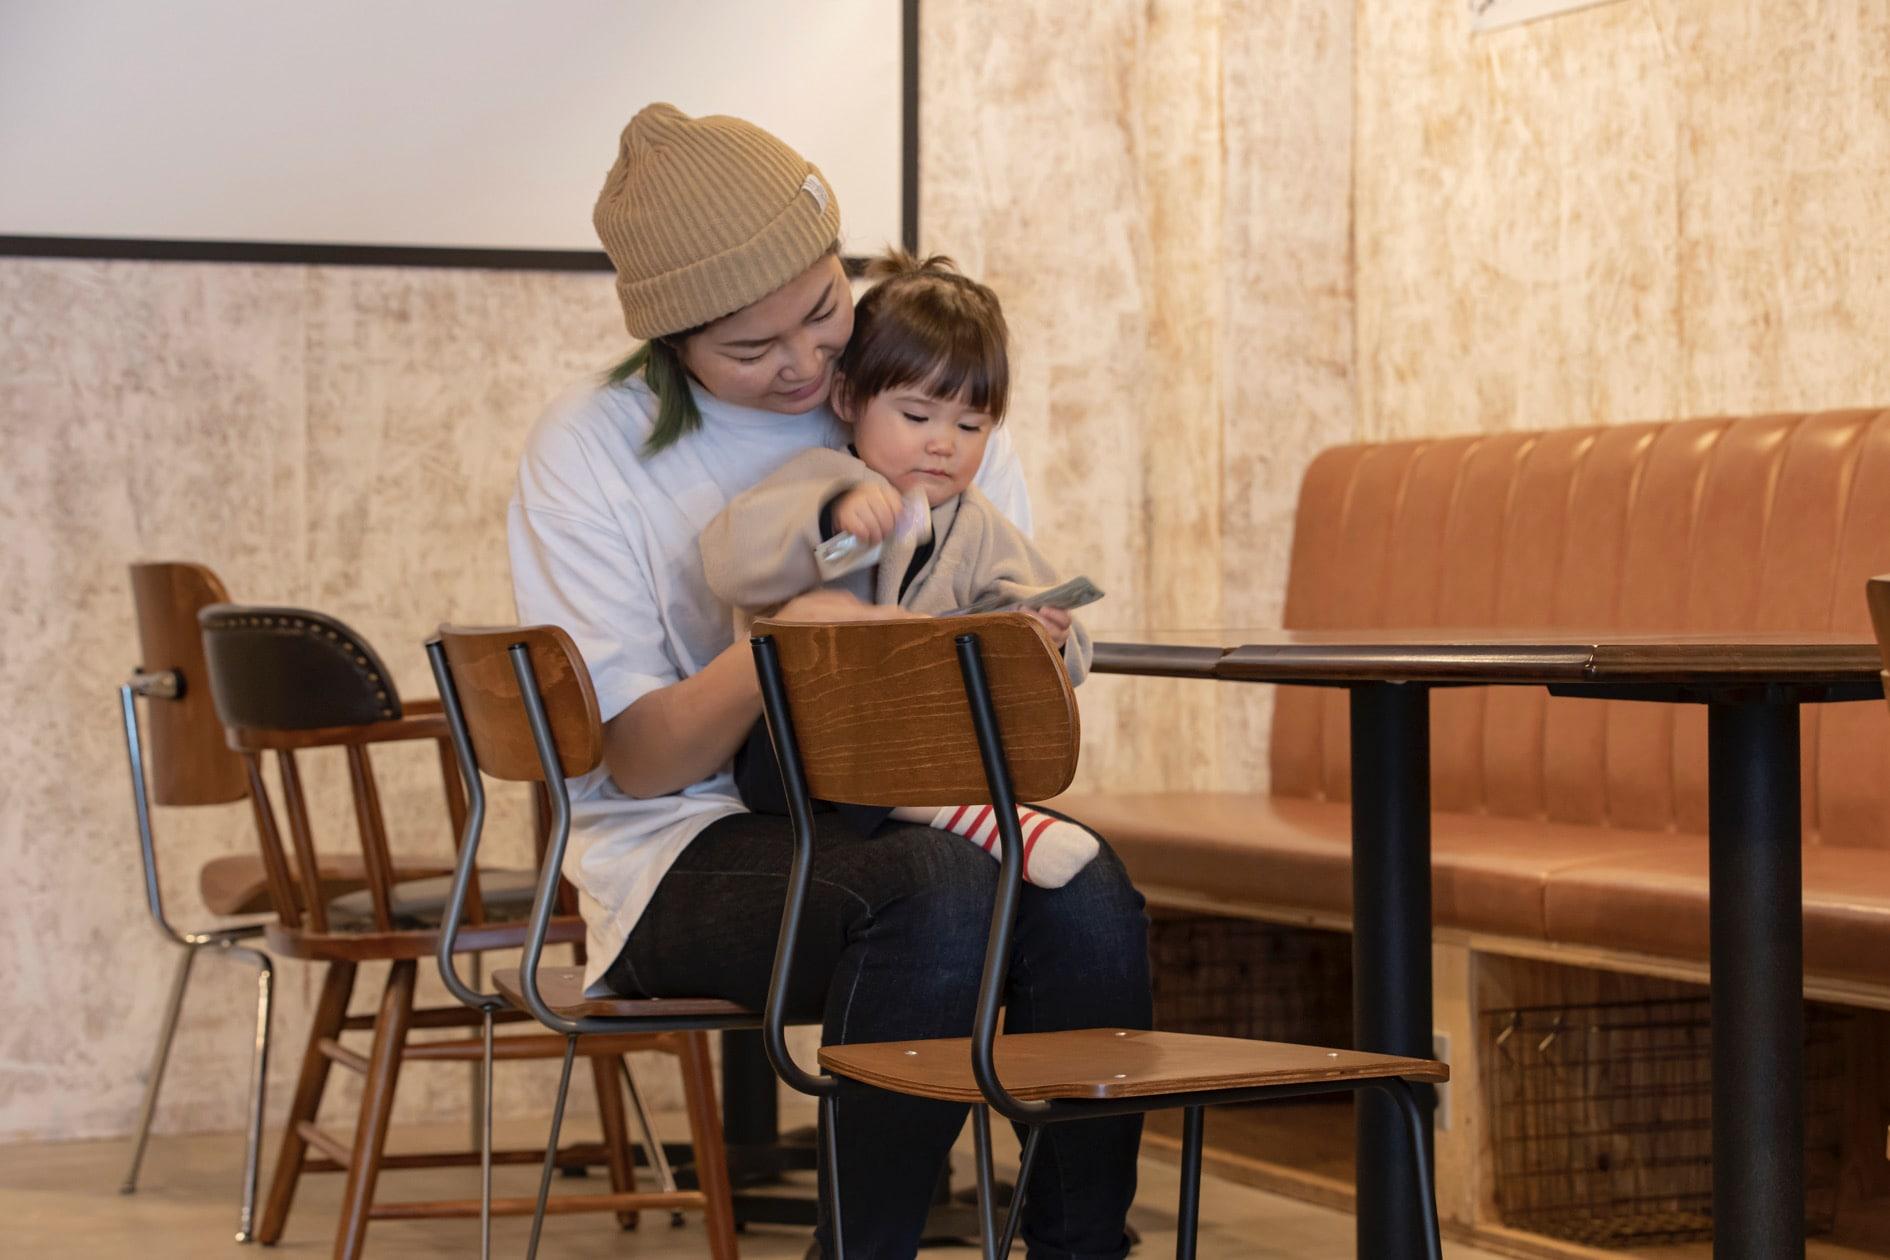 株式会社イチムラのA-100(復刻版)に座る母親と子供,レトロな椅子に座って絵本を読み聞かせる親子